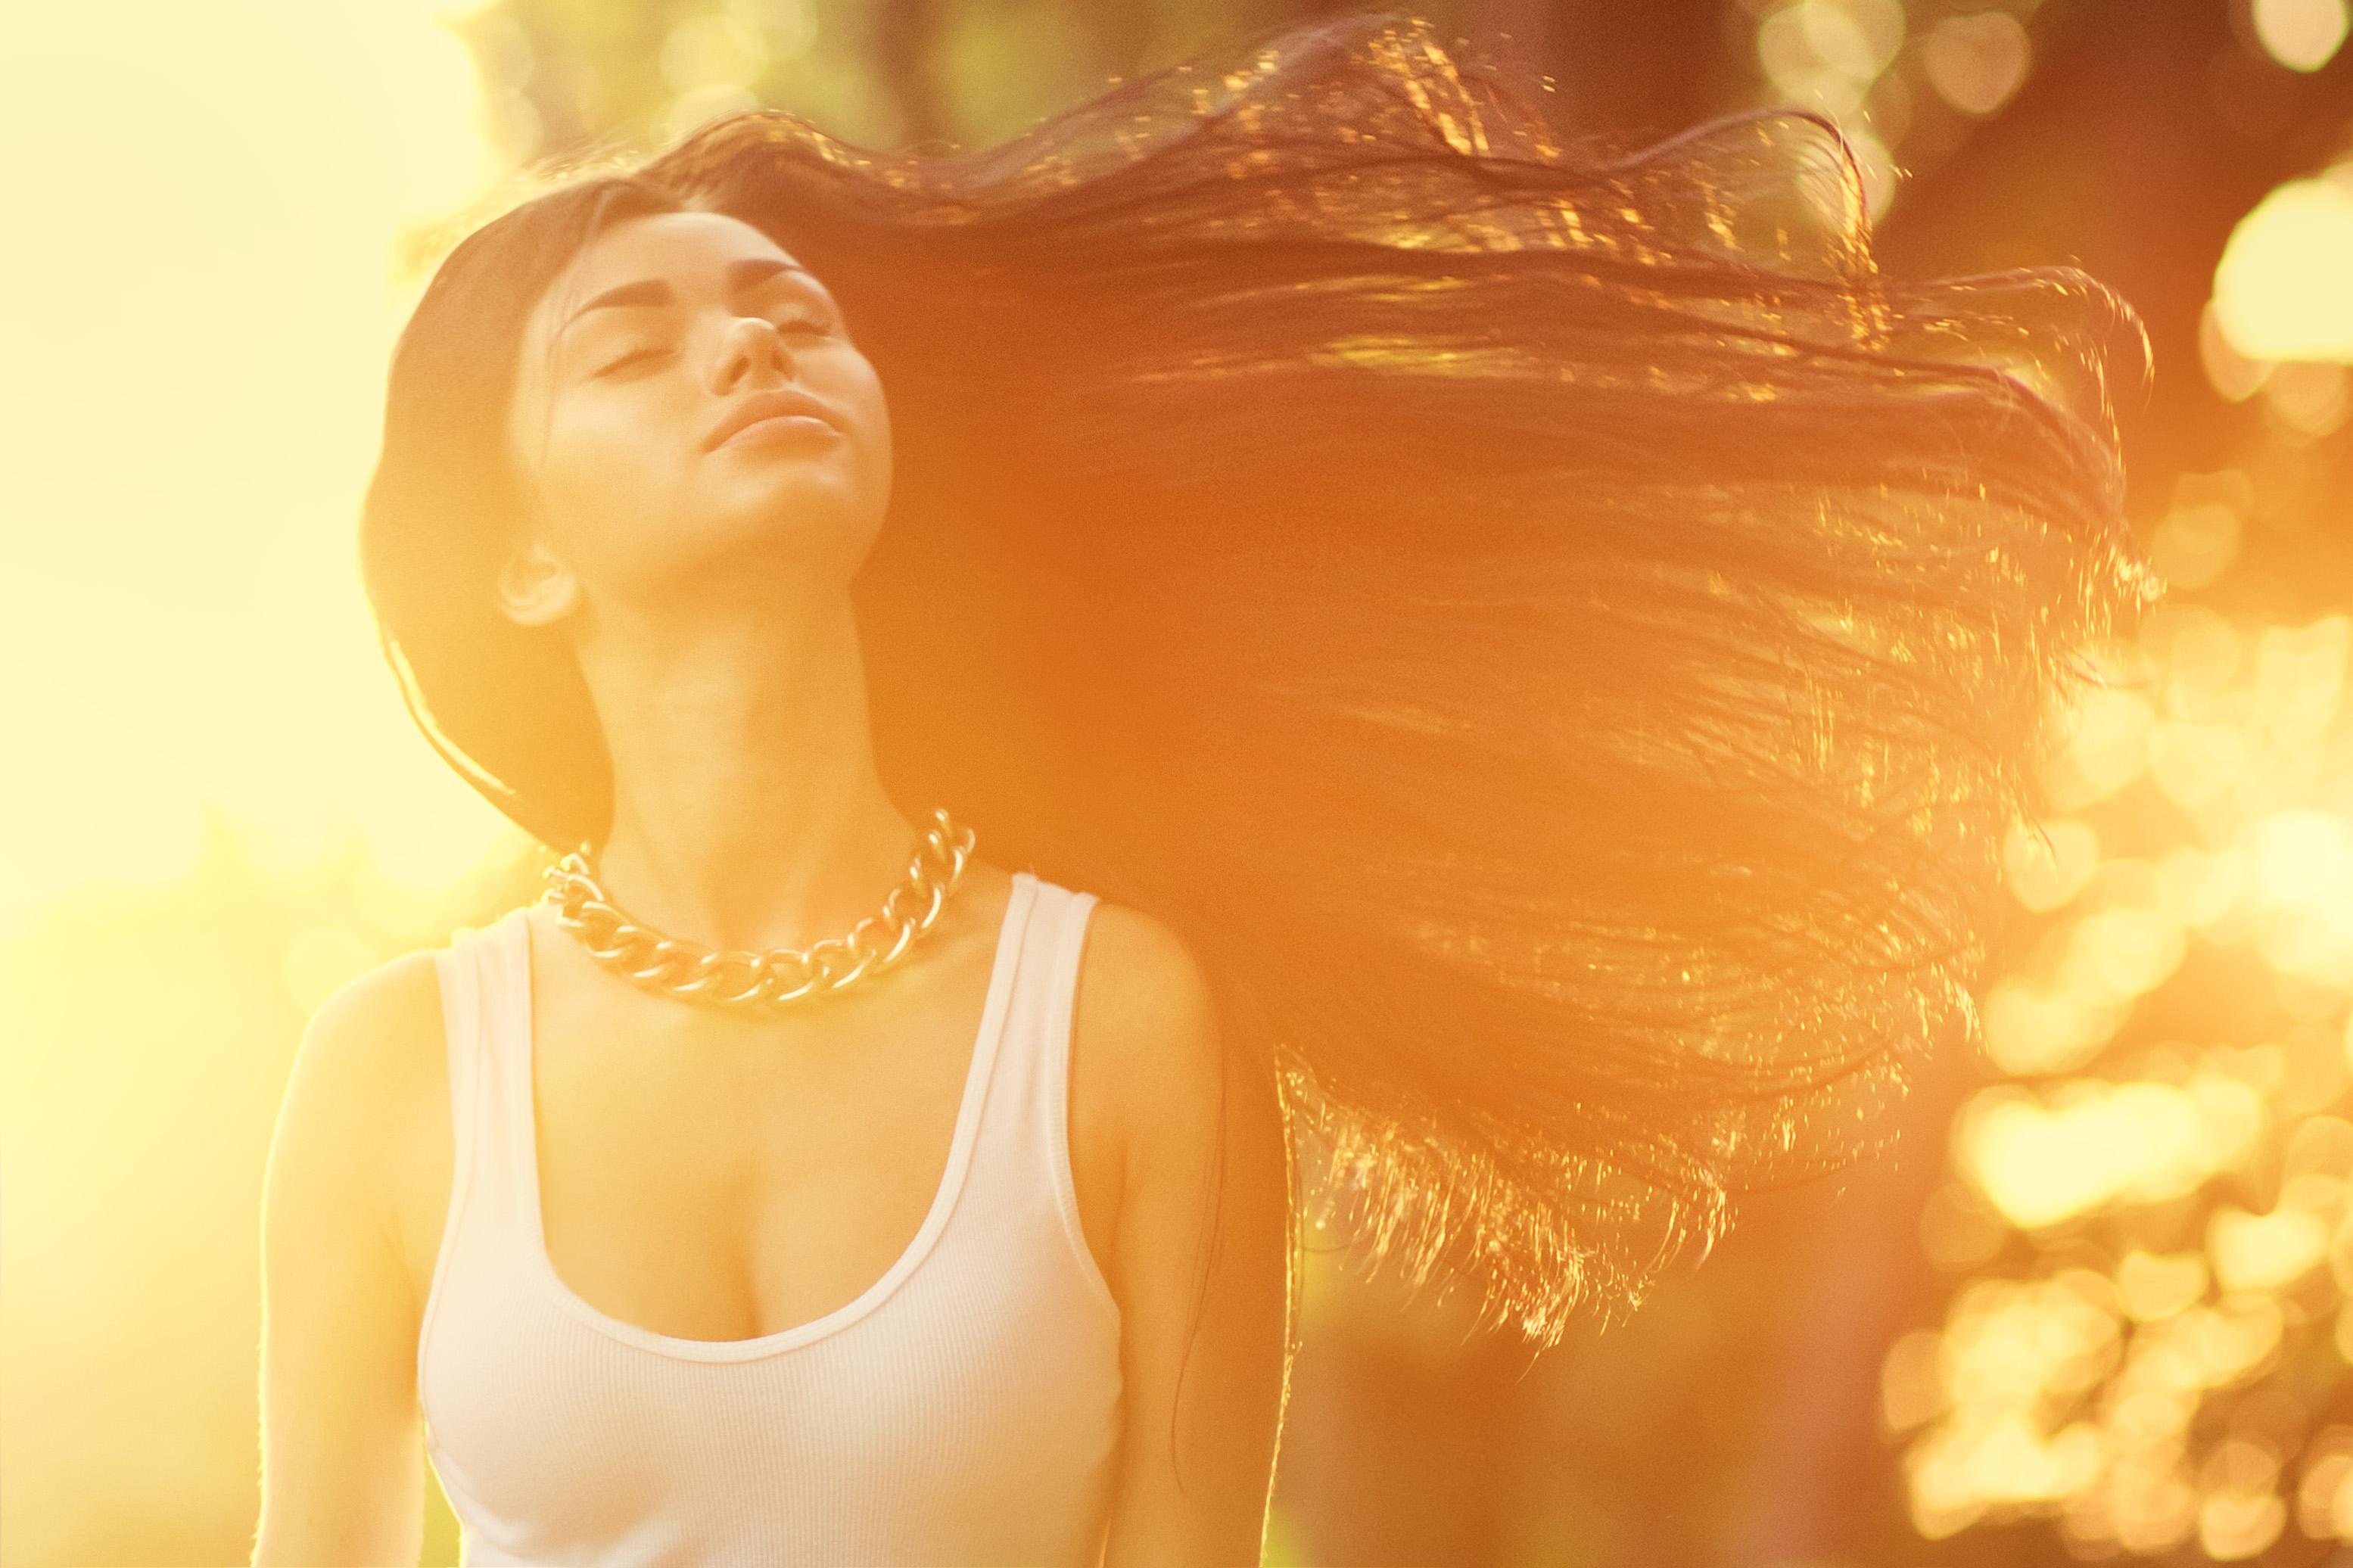 Фото красивых девушек в лучах солнца, Девушка в лучах солнца Girl in the sun Похожие фото 14 фотография